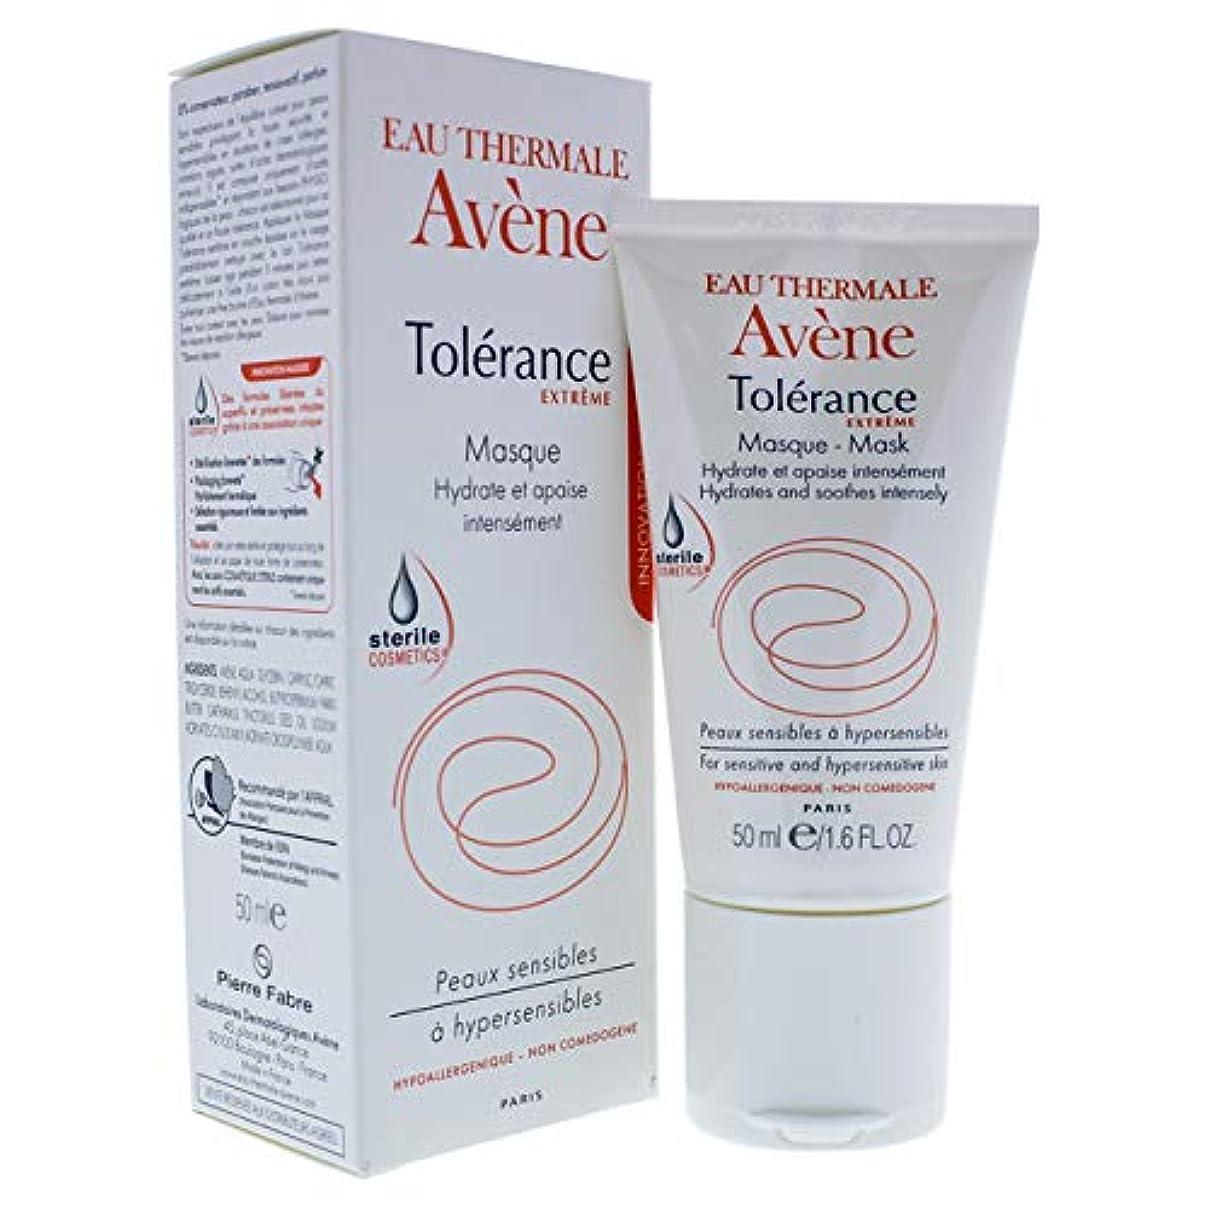 置換多様体機密アベンヌ Tolerance Extreme Mask - For Sensitive & Hypersensitive Skin 50ml/1.6oz並行輸入品